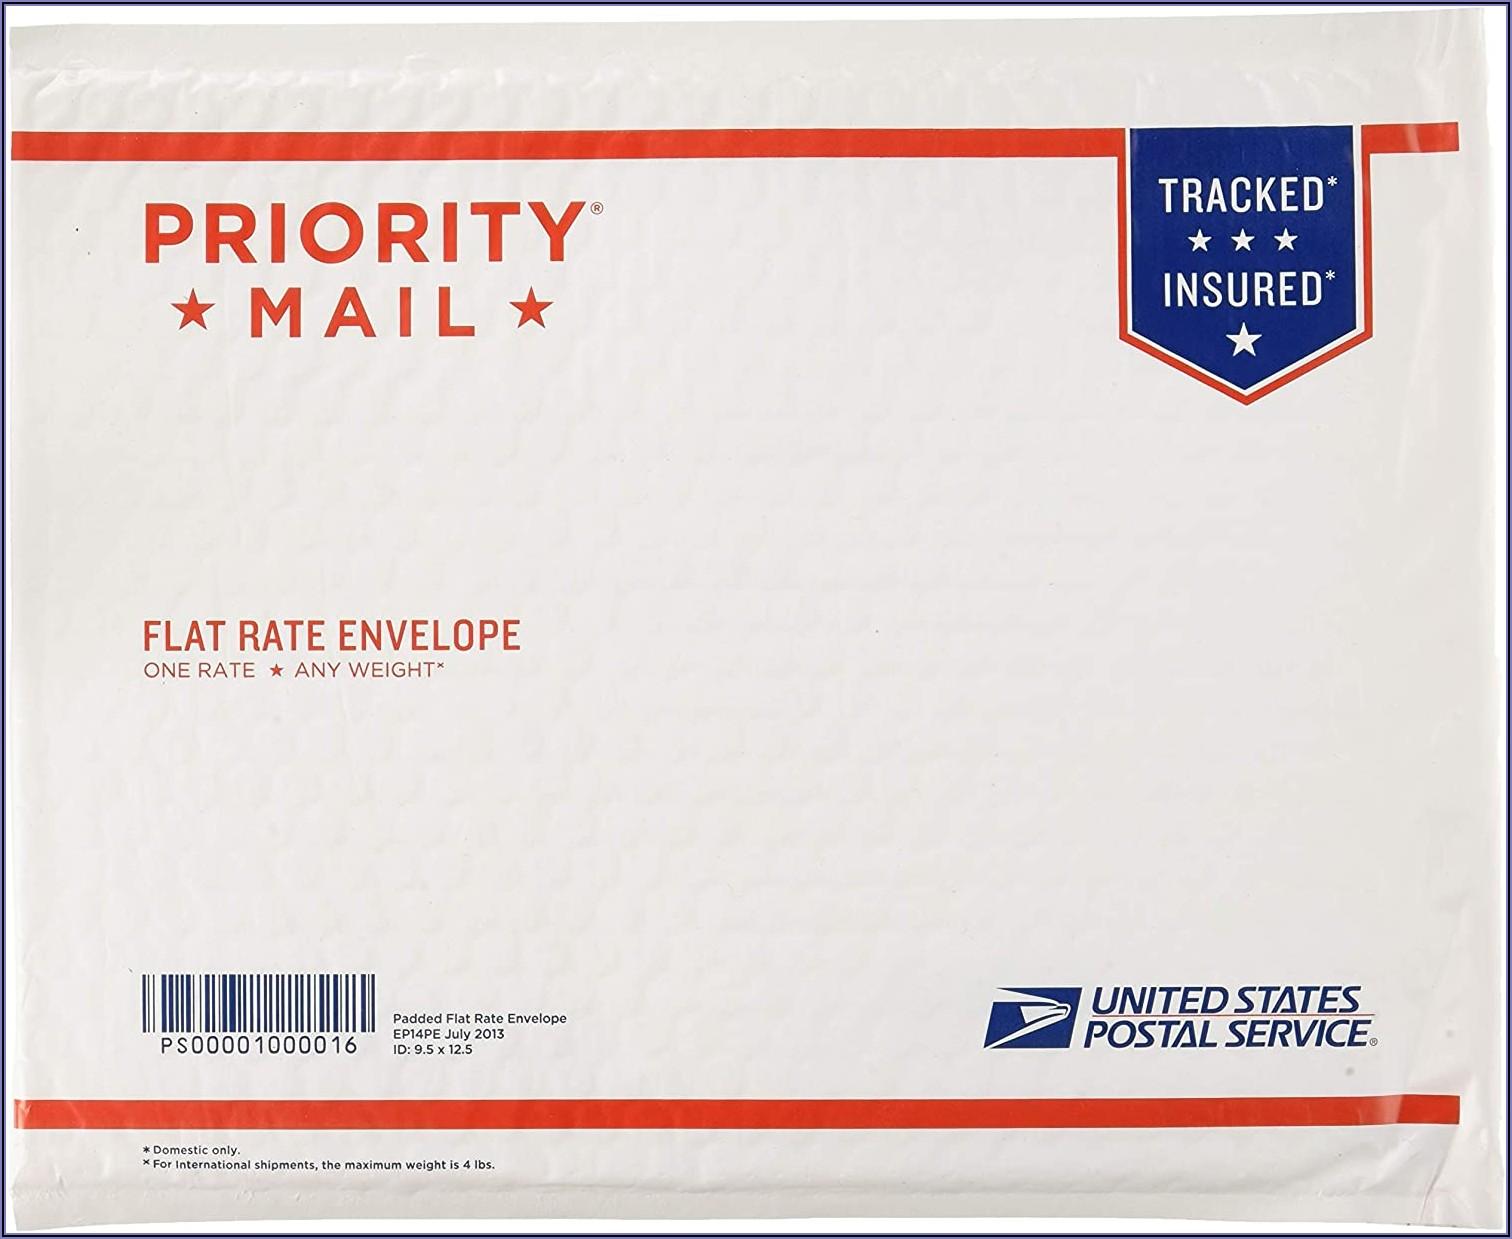 Usps Postage For 6x9 Envelope 2020